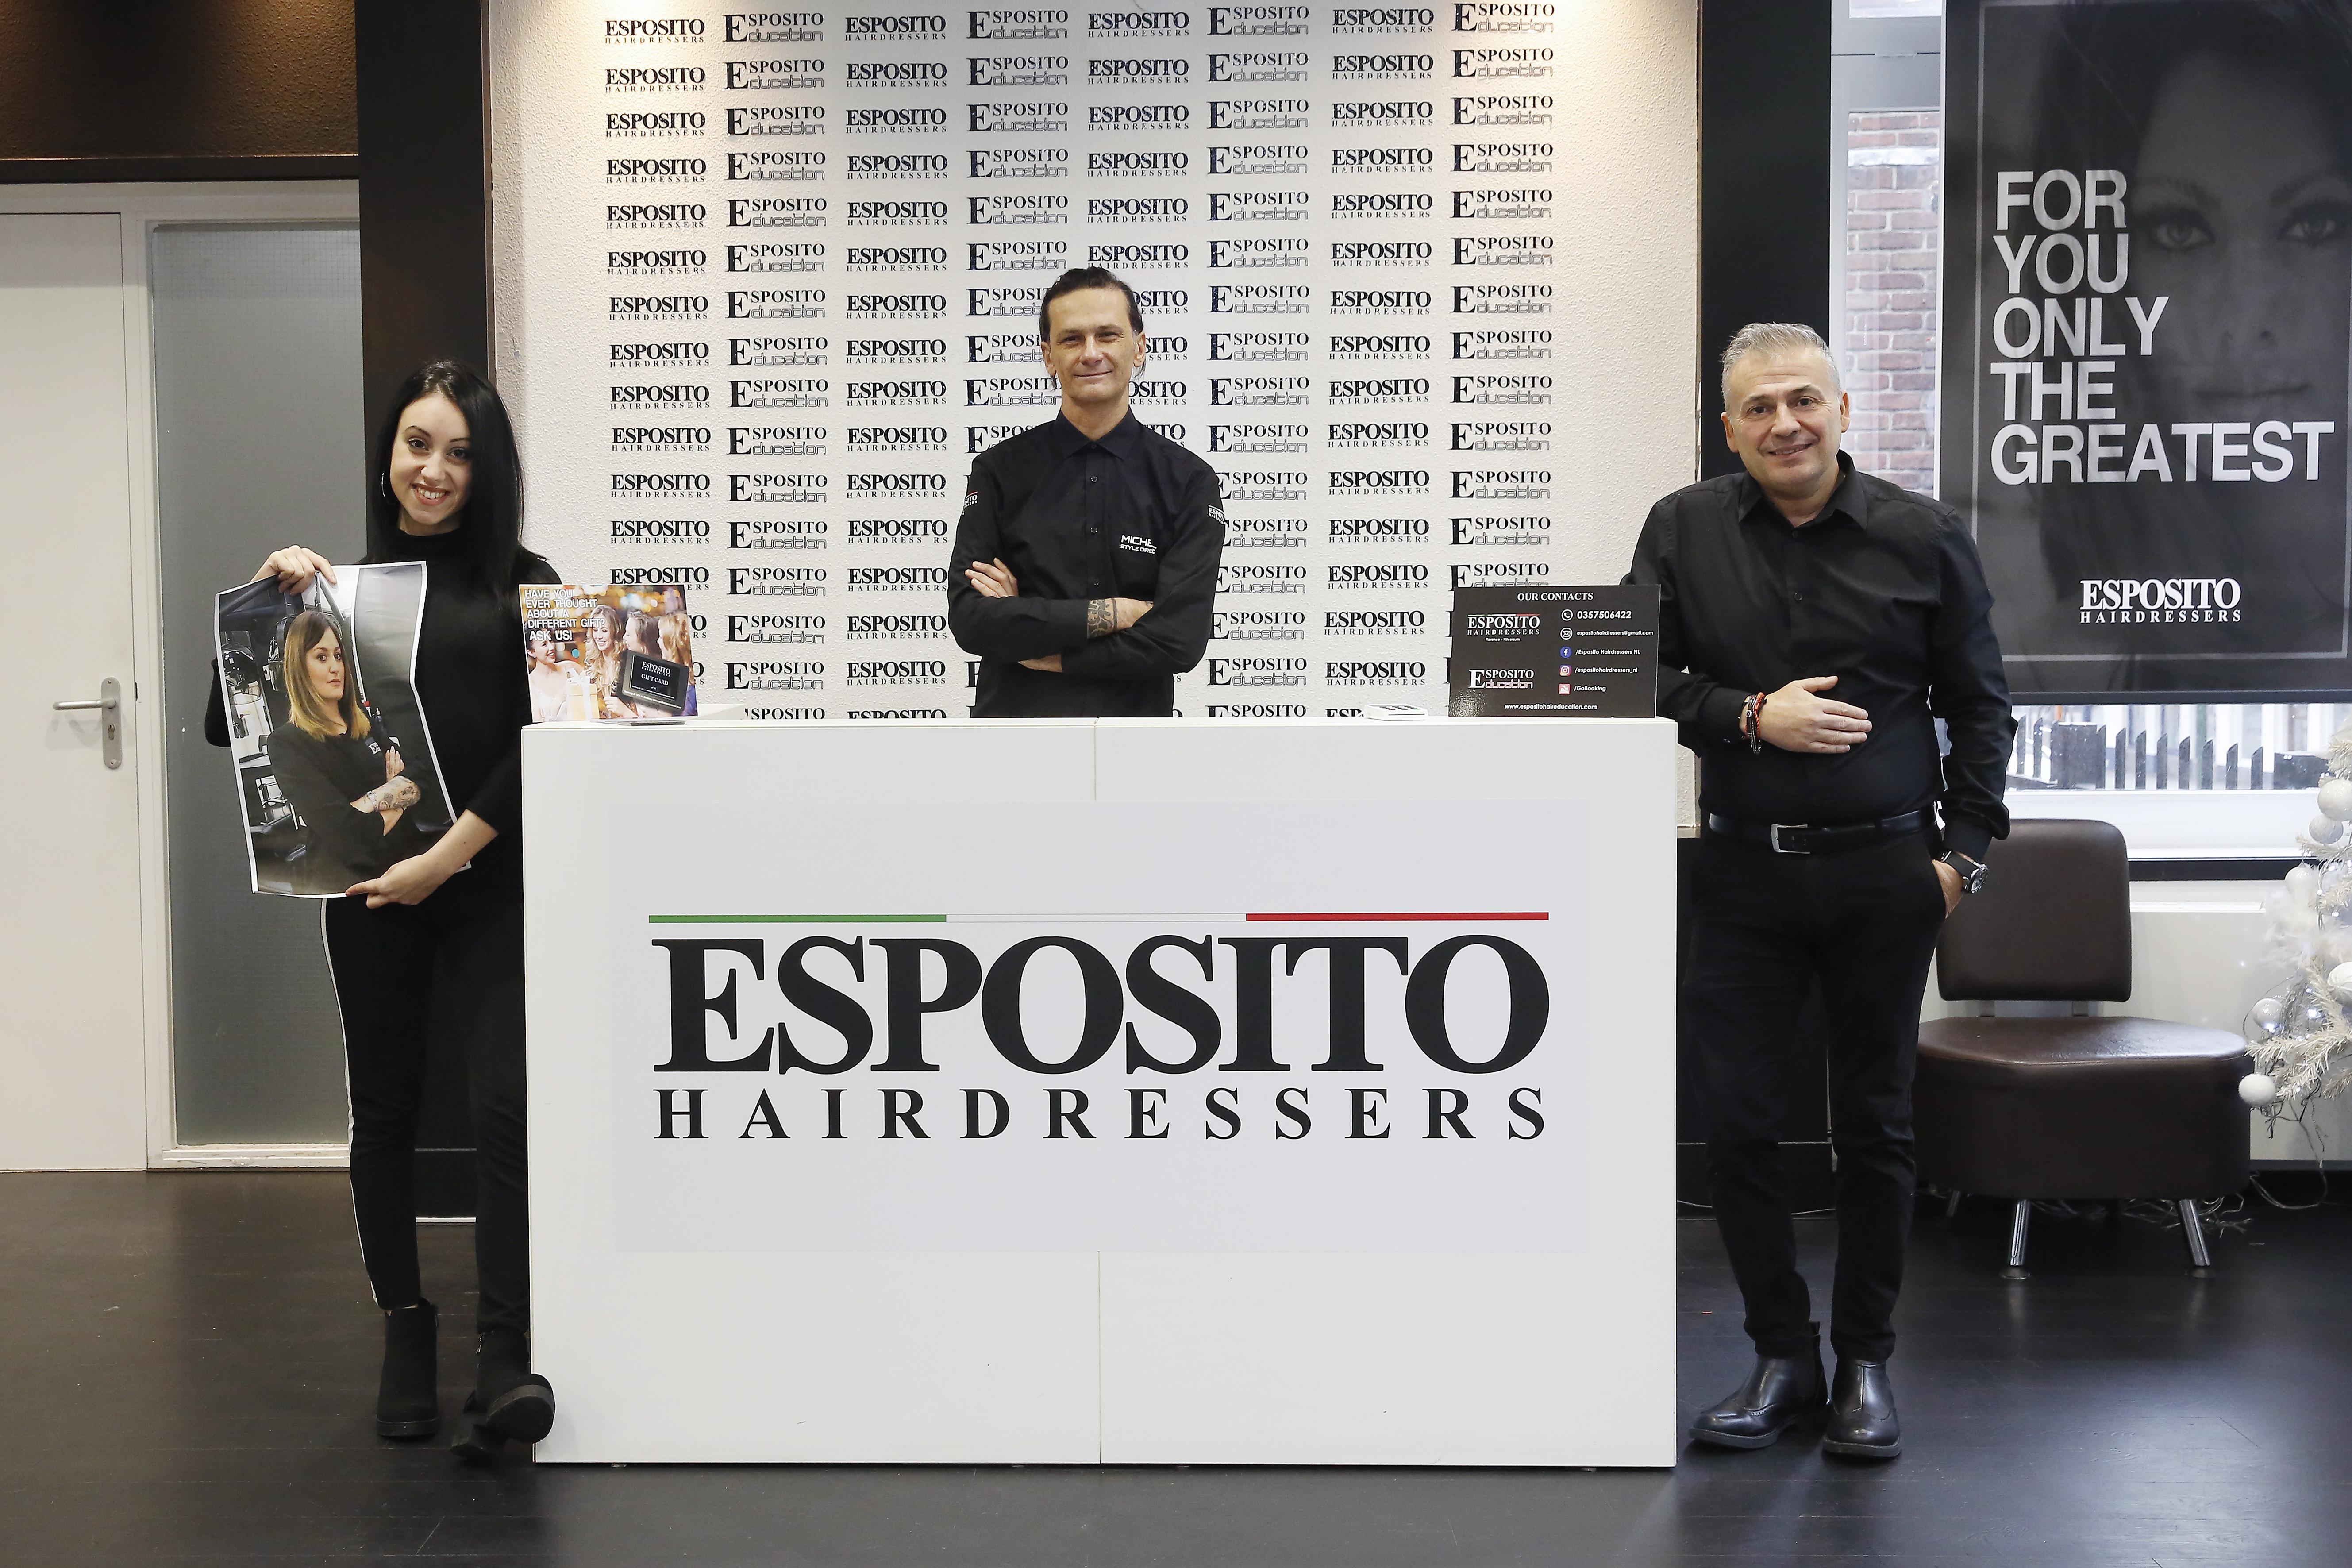 De Italiaanse Francesco Esposito is ver van huis, maar opent juist hier een kapperszaak; 'Als je geen klikt maakt, wordt het kapsel ook niks'